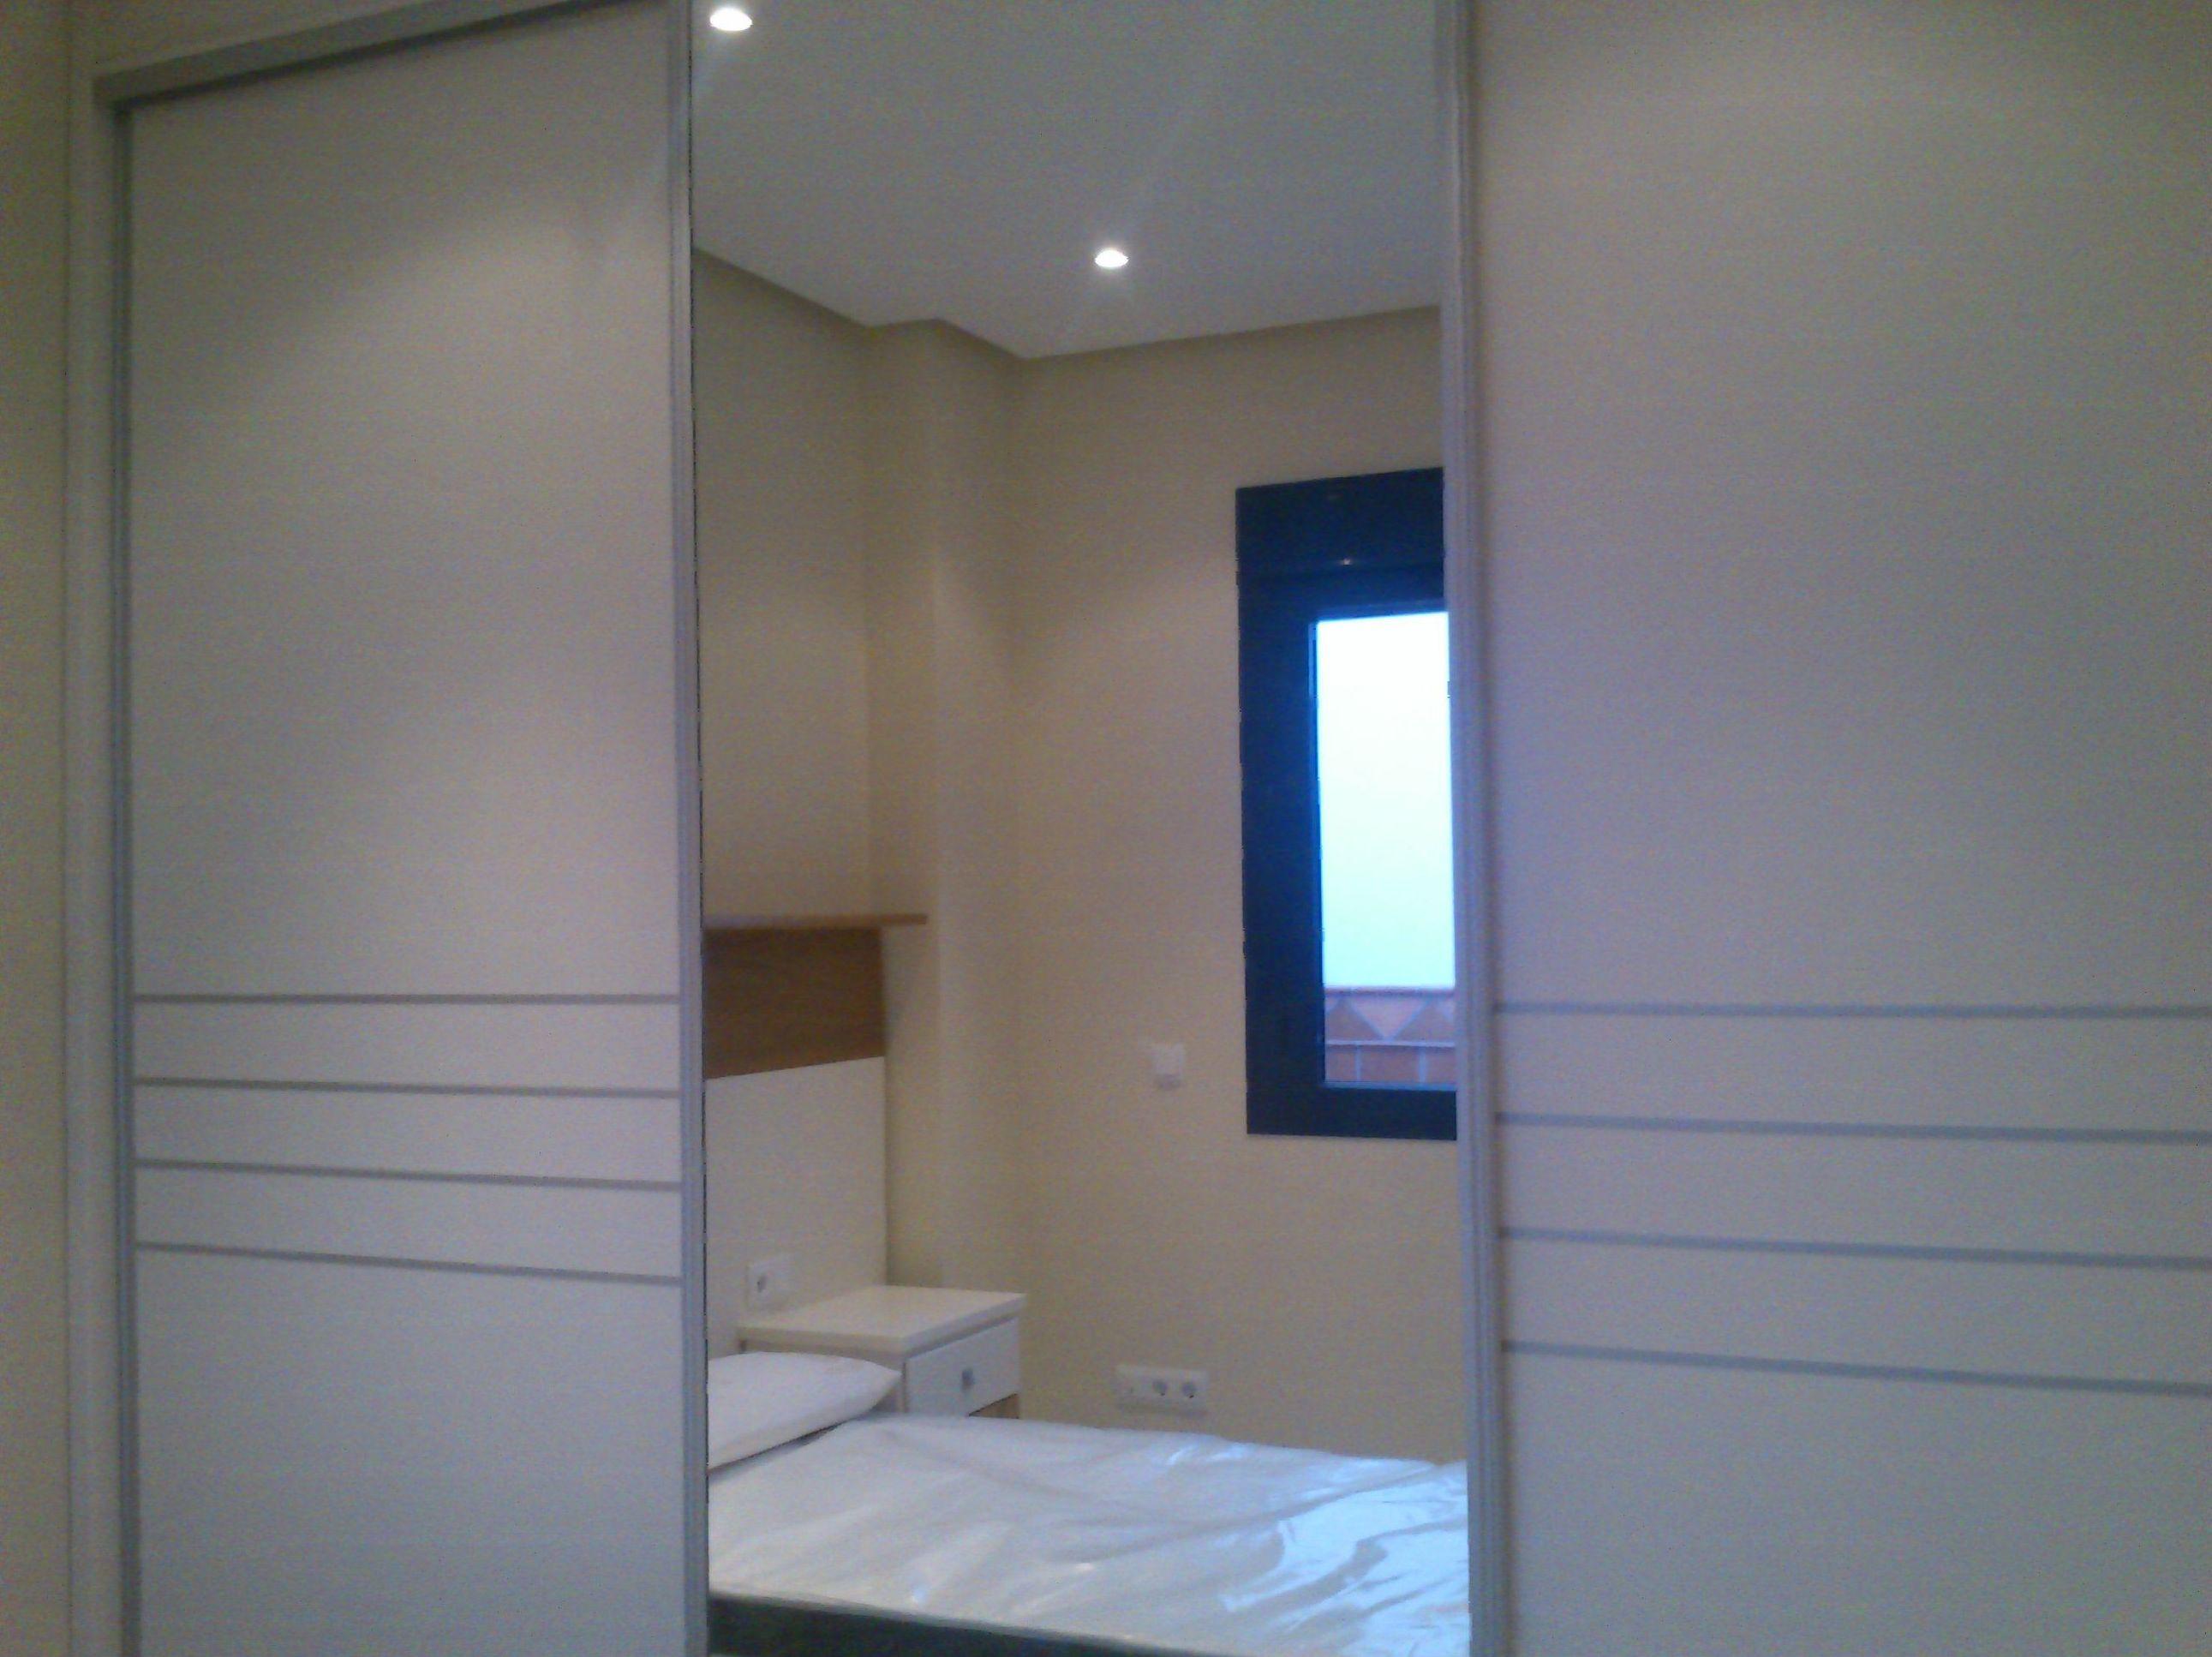 Armario empotrado lacado en blanco con puertas de corredera y espejo enterizo